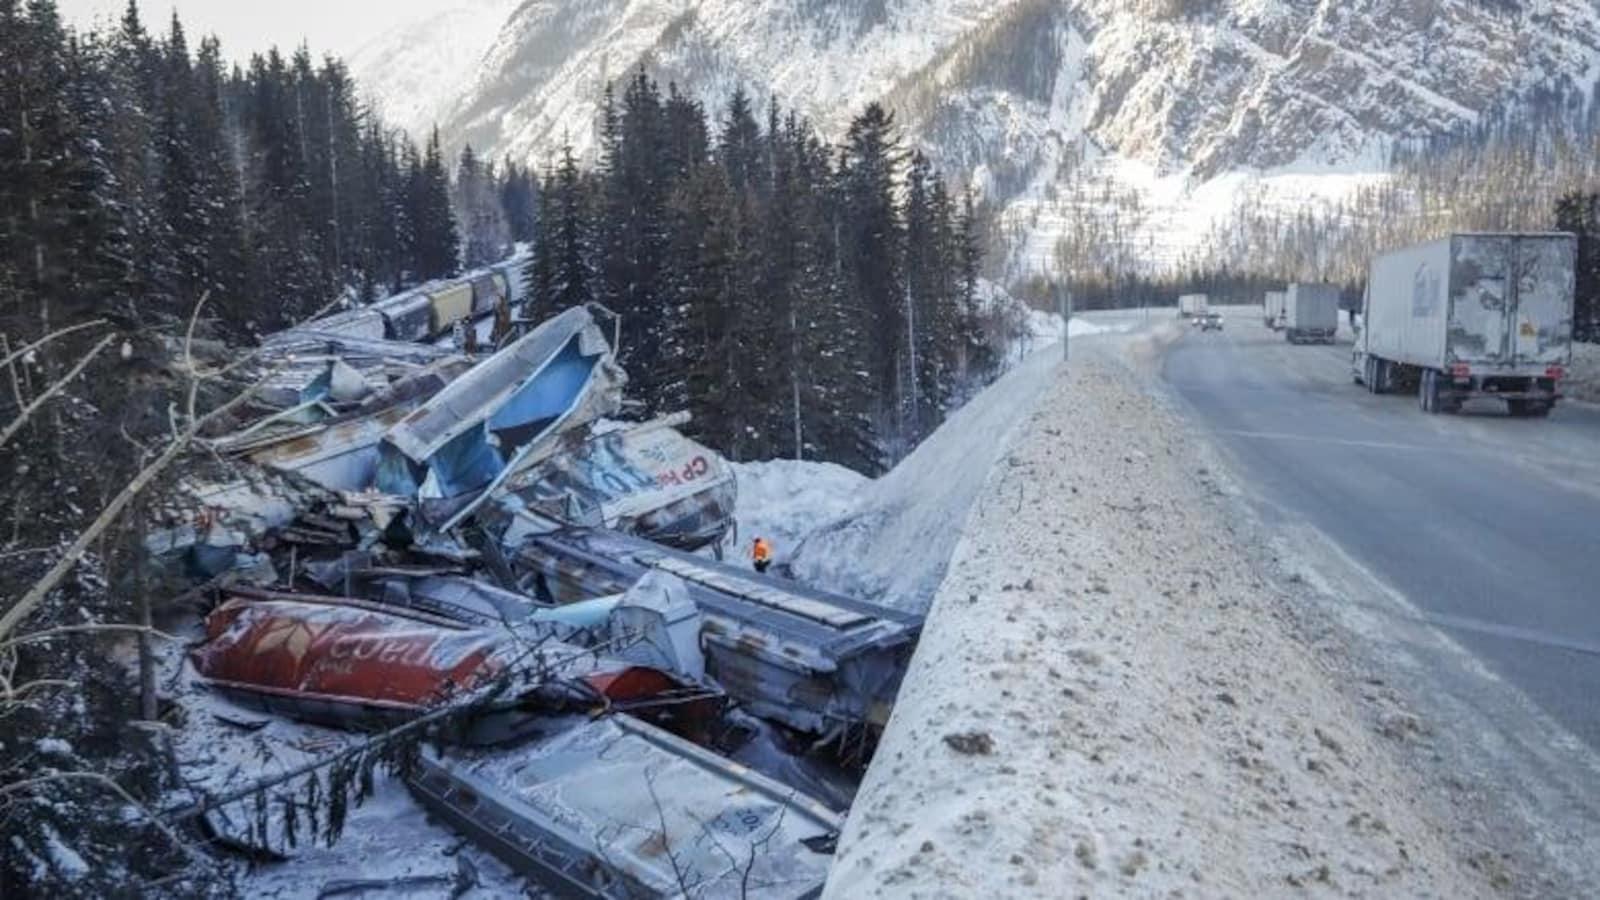 Une dizaine de wagons brisés sont empilés sur le bord d'une route enneigée.